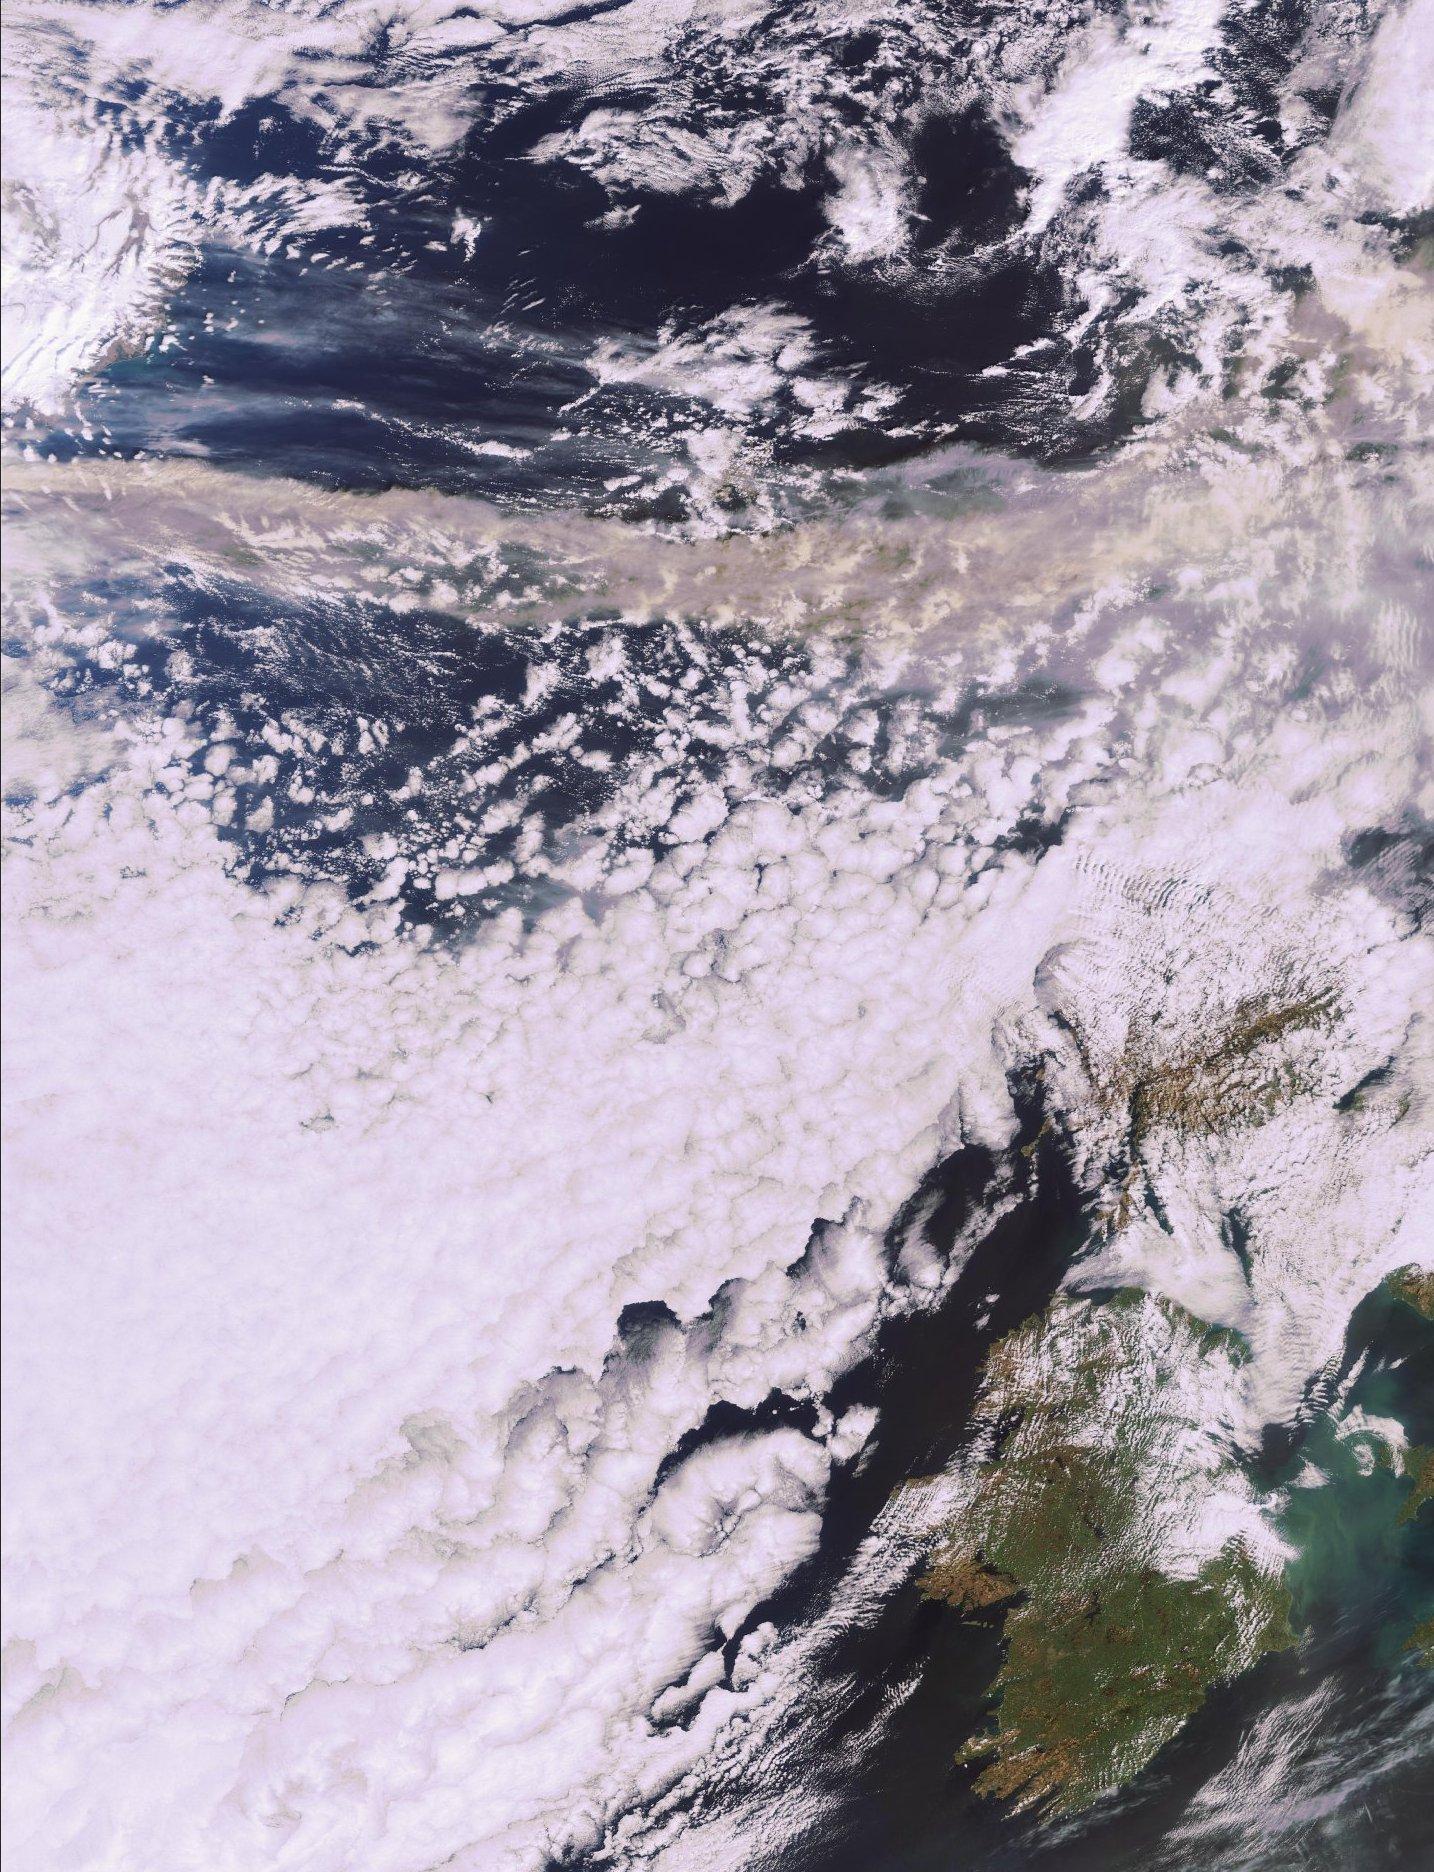 Volcan islandais - Mars et avril 2010 - 15 mars 2010 - nuage de cendres - Envisat - MERIS - ESA